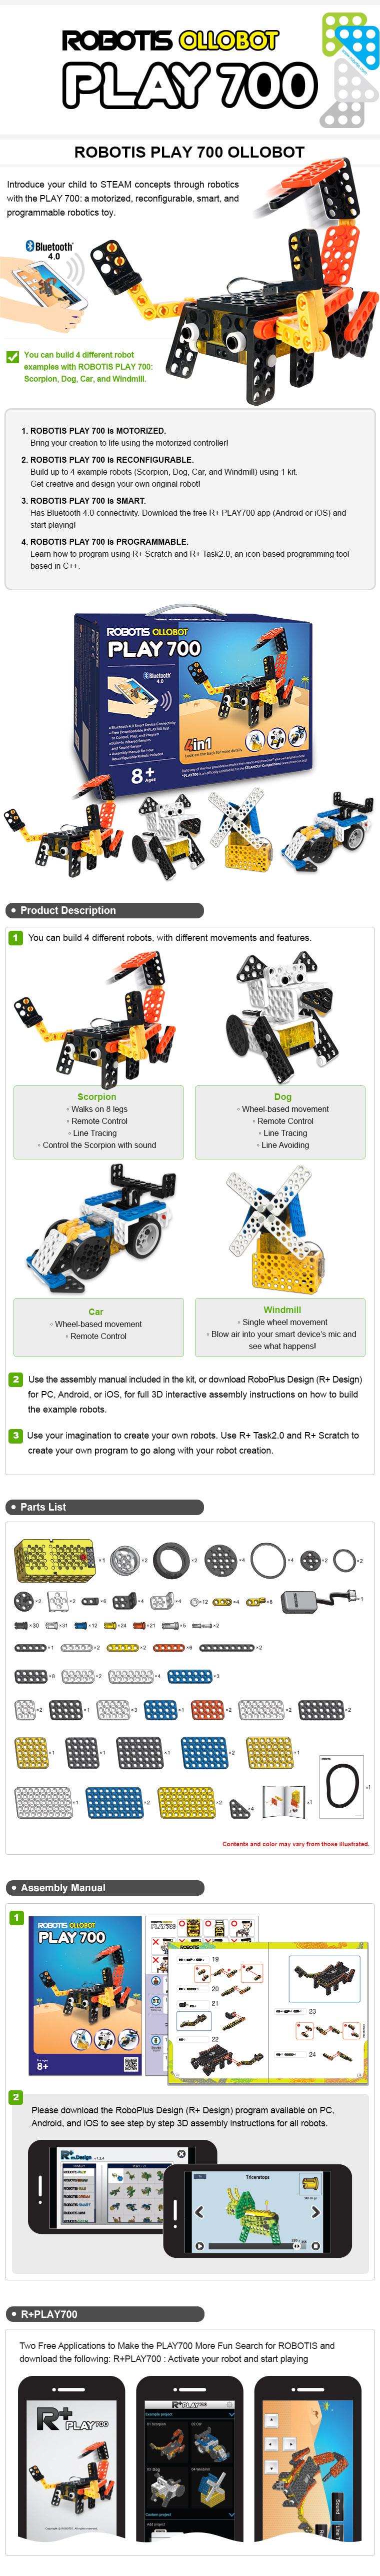 ROBOTIS_PLAY700_OLLOBOT_info_en_ver1811.jpg